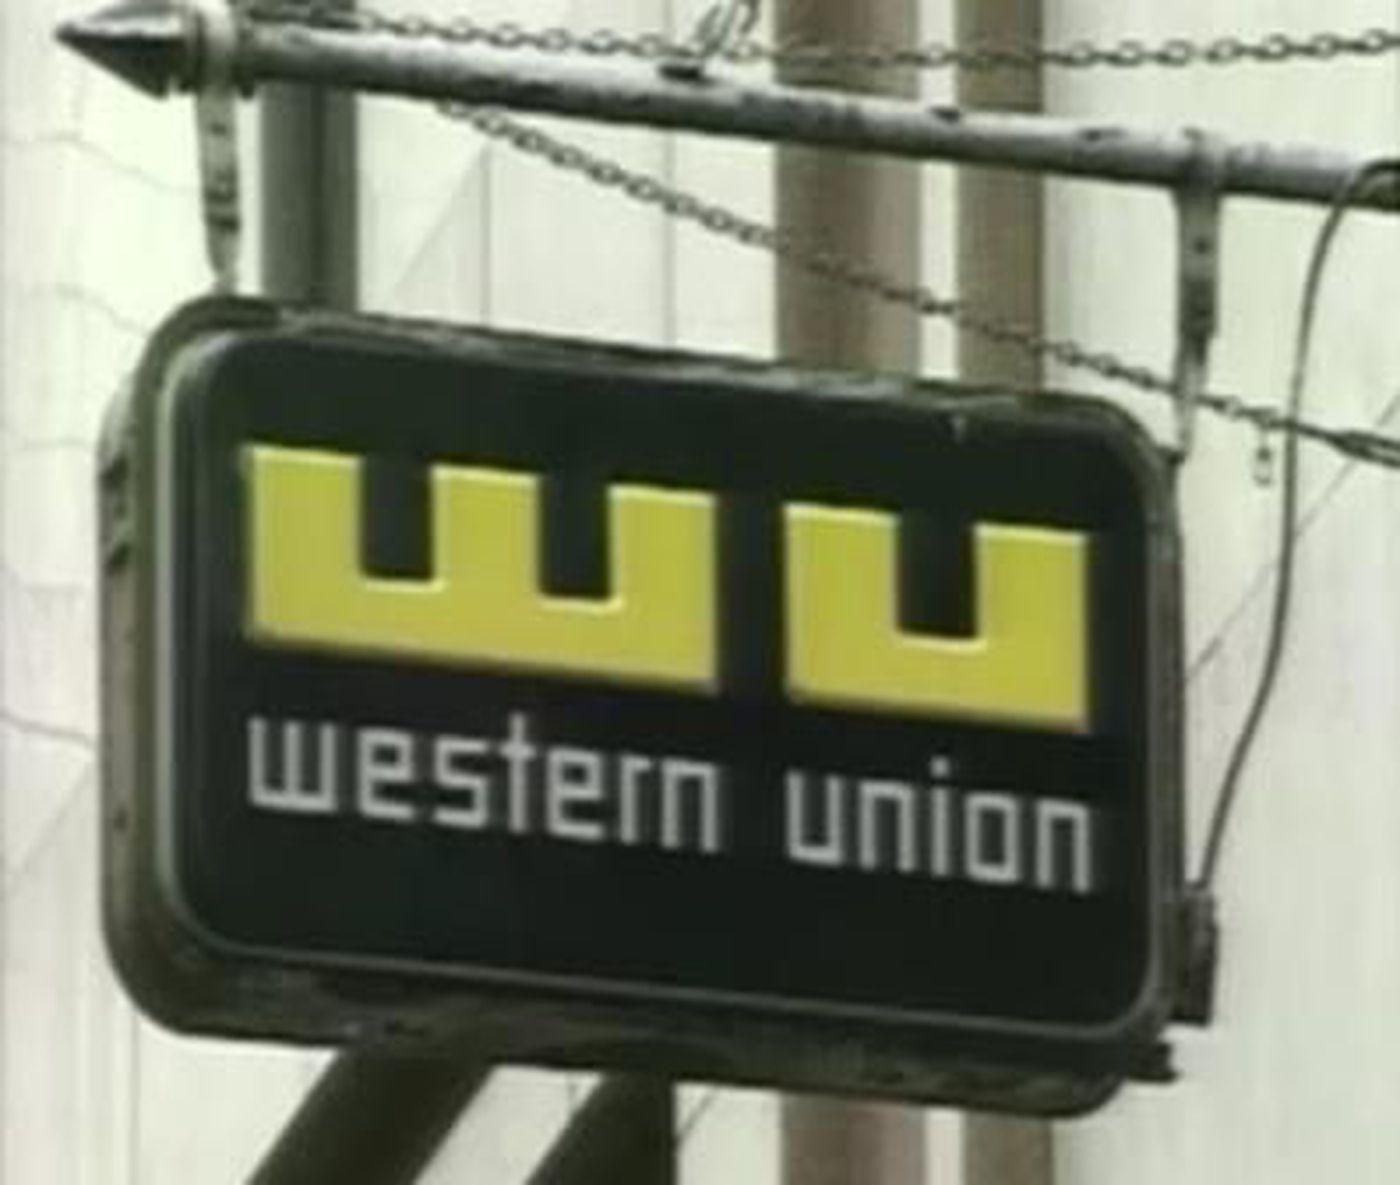 AZ, Western Union amend settlement